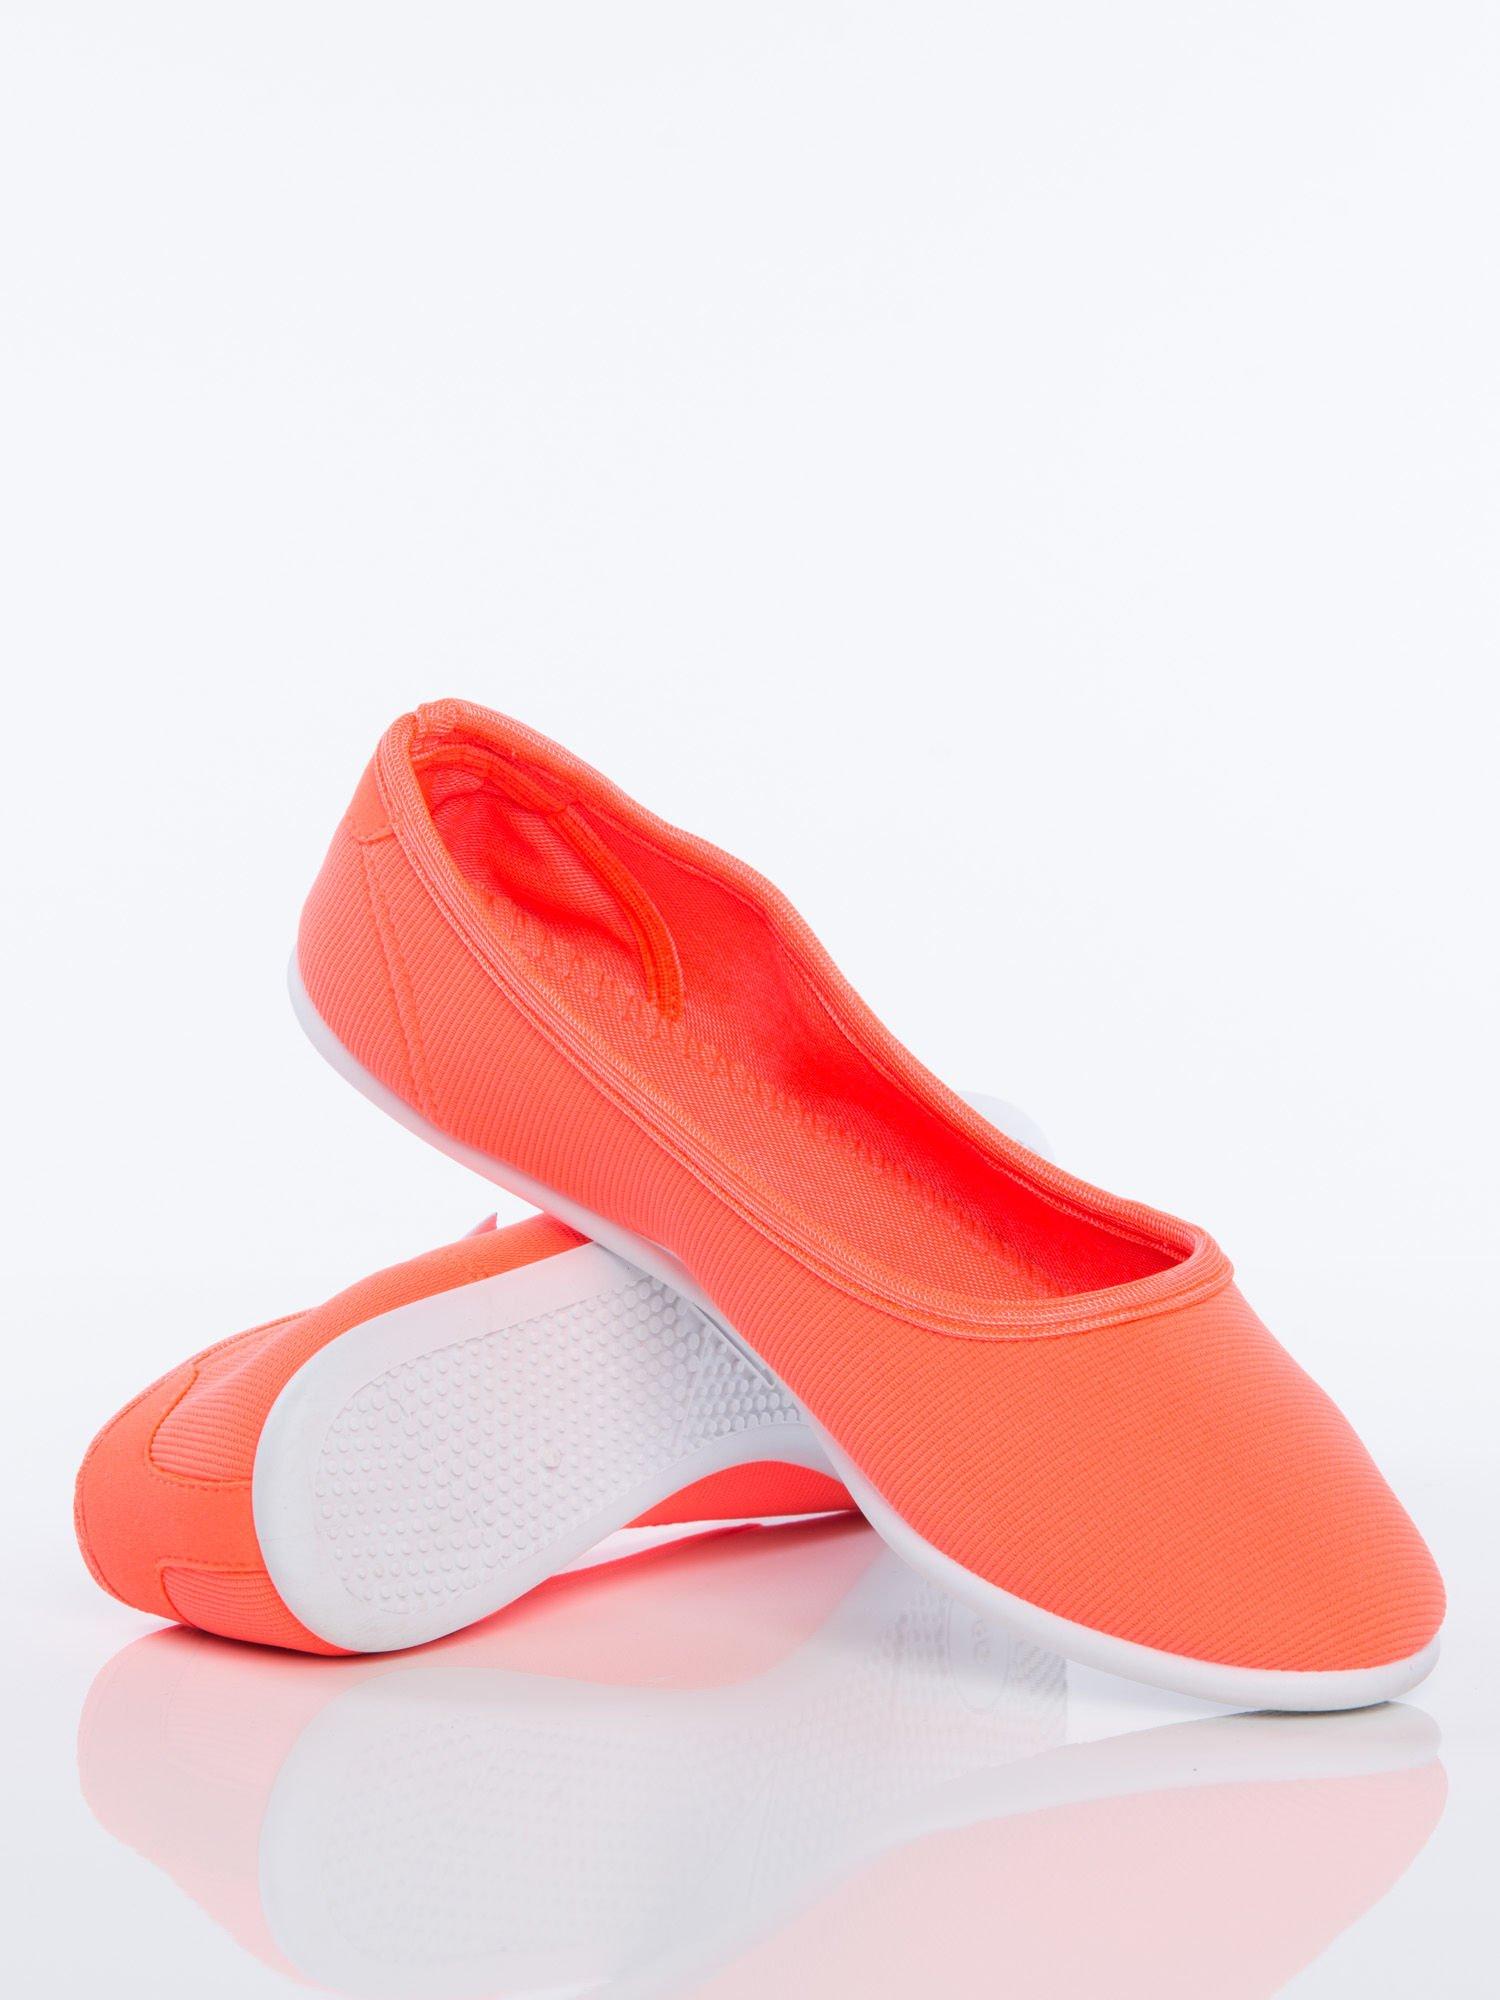 Pomarańczowe gładkie materiałowe baleriny Mellow na białej podeszwie                                  zdj.                                  1